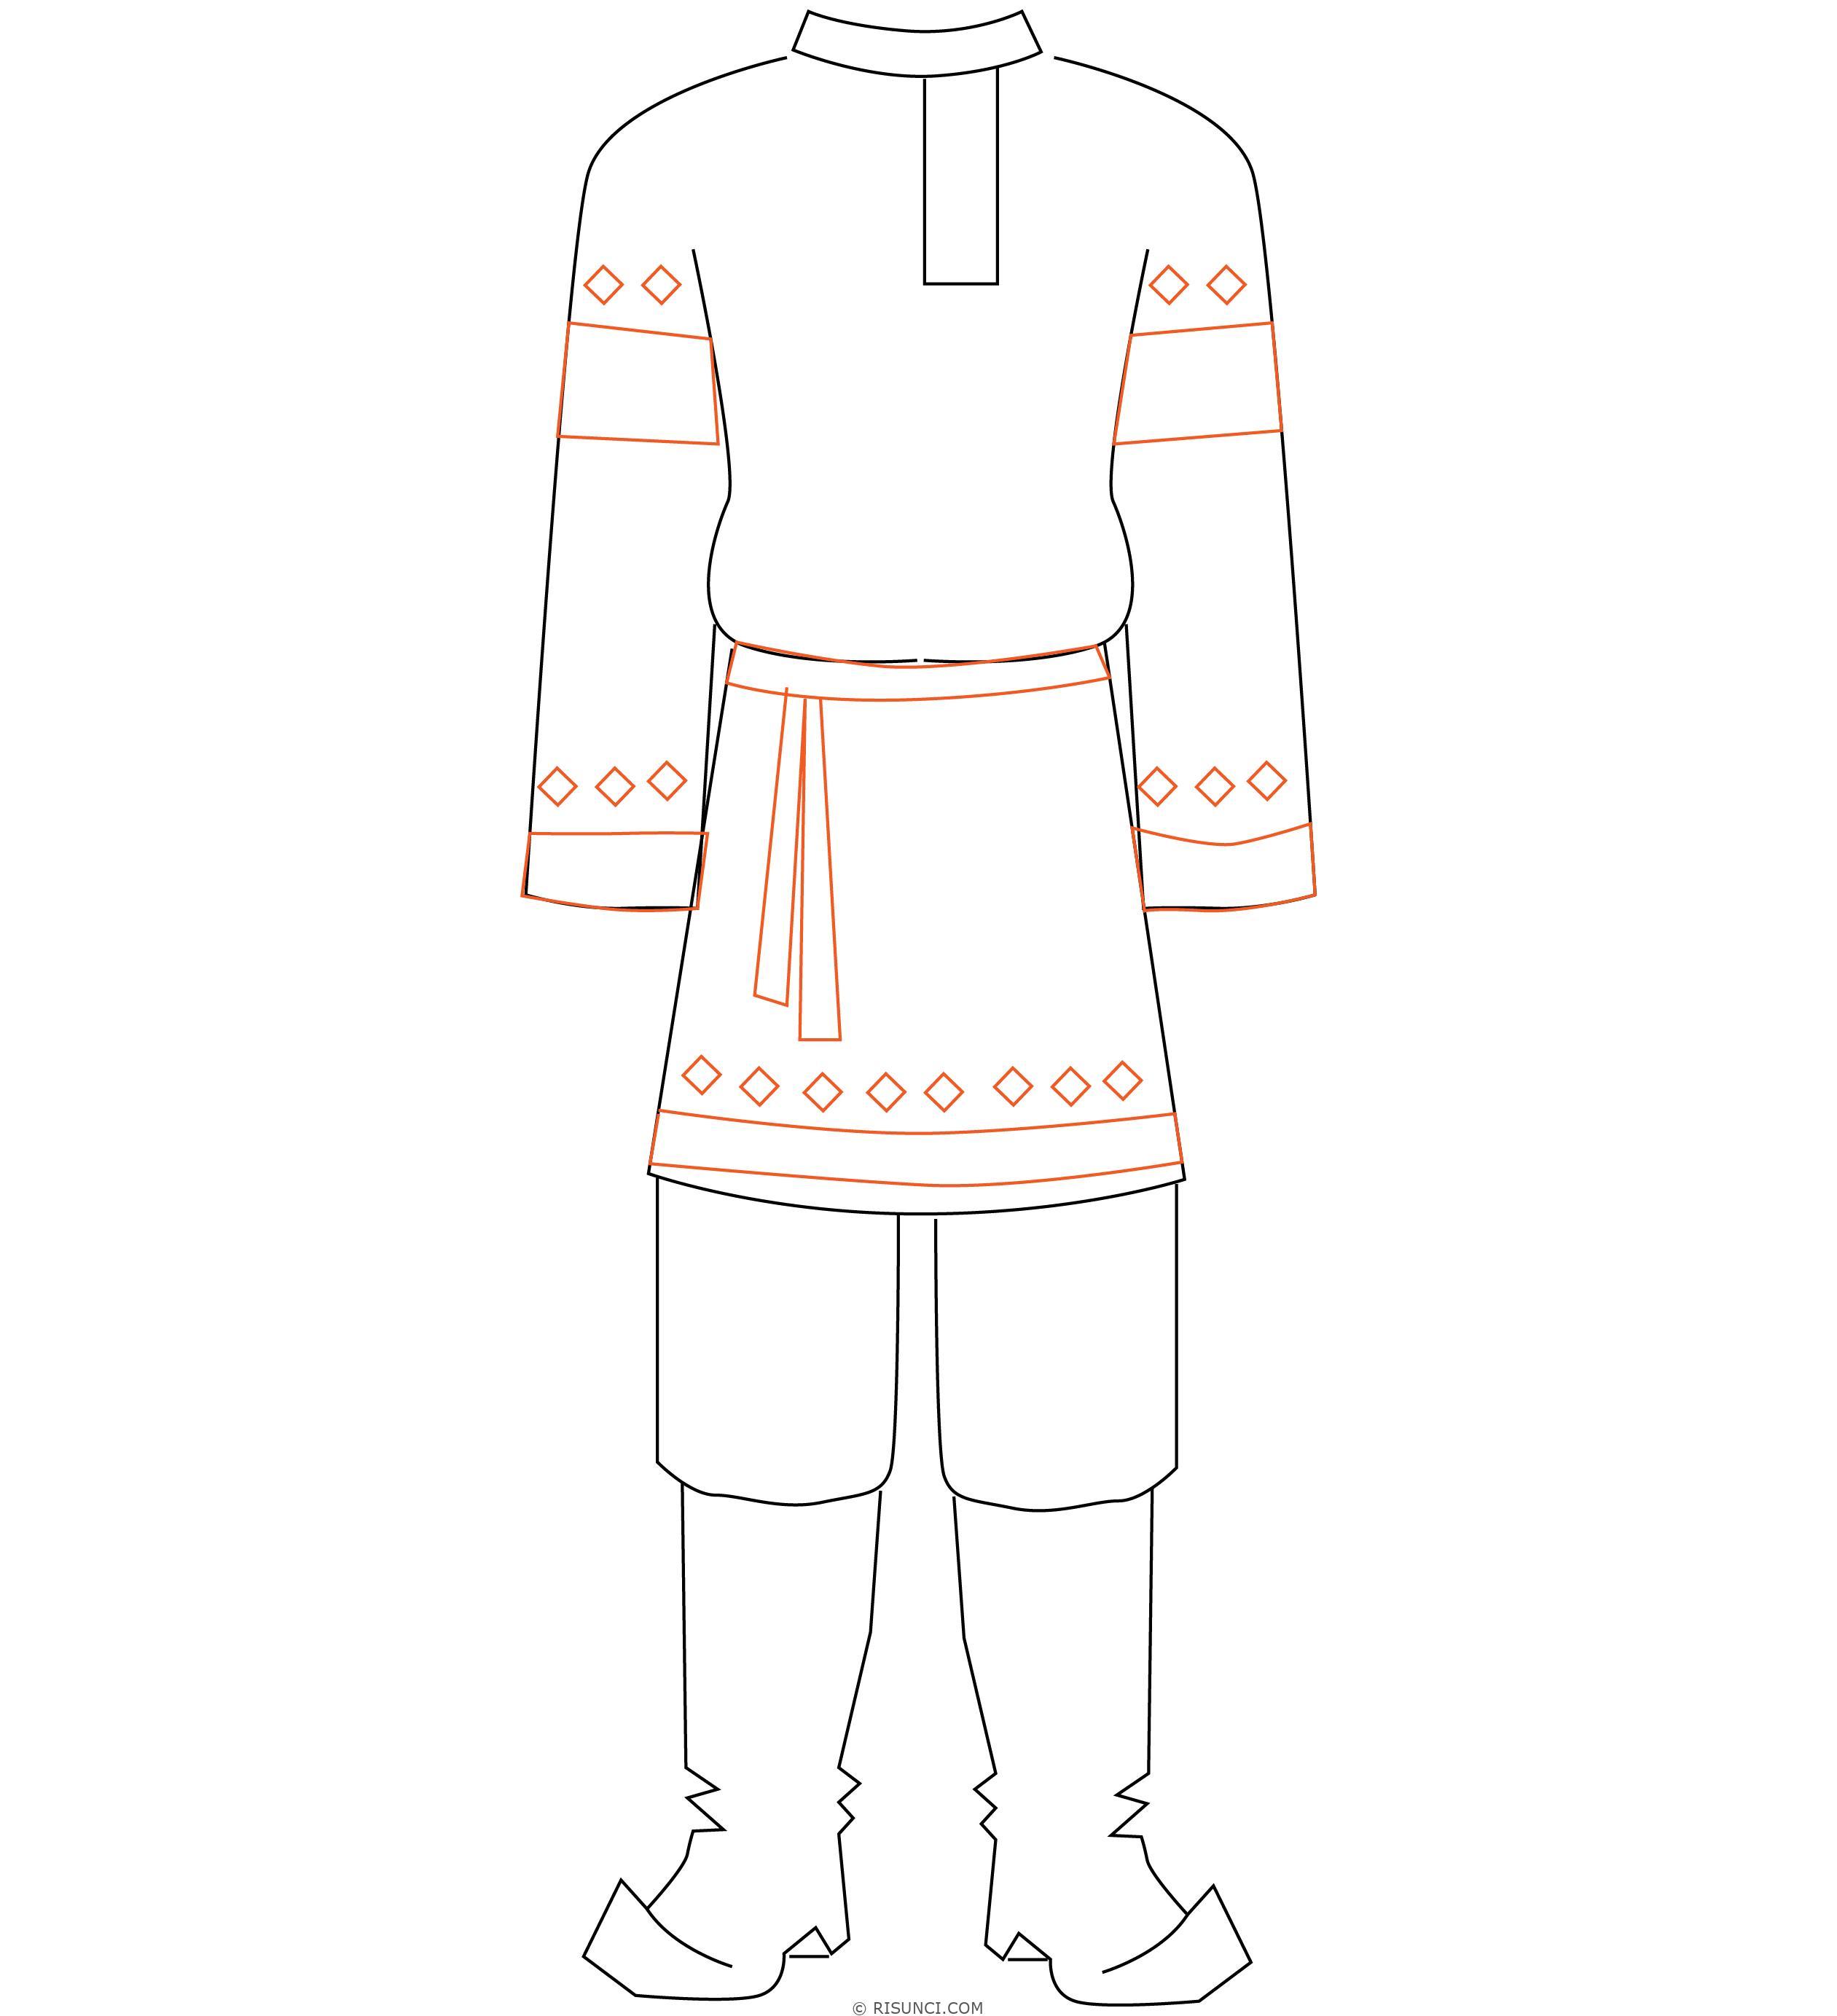 русские народные костюмы рисунки карандашом